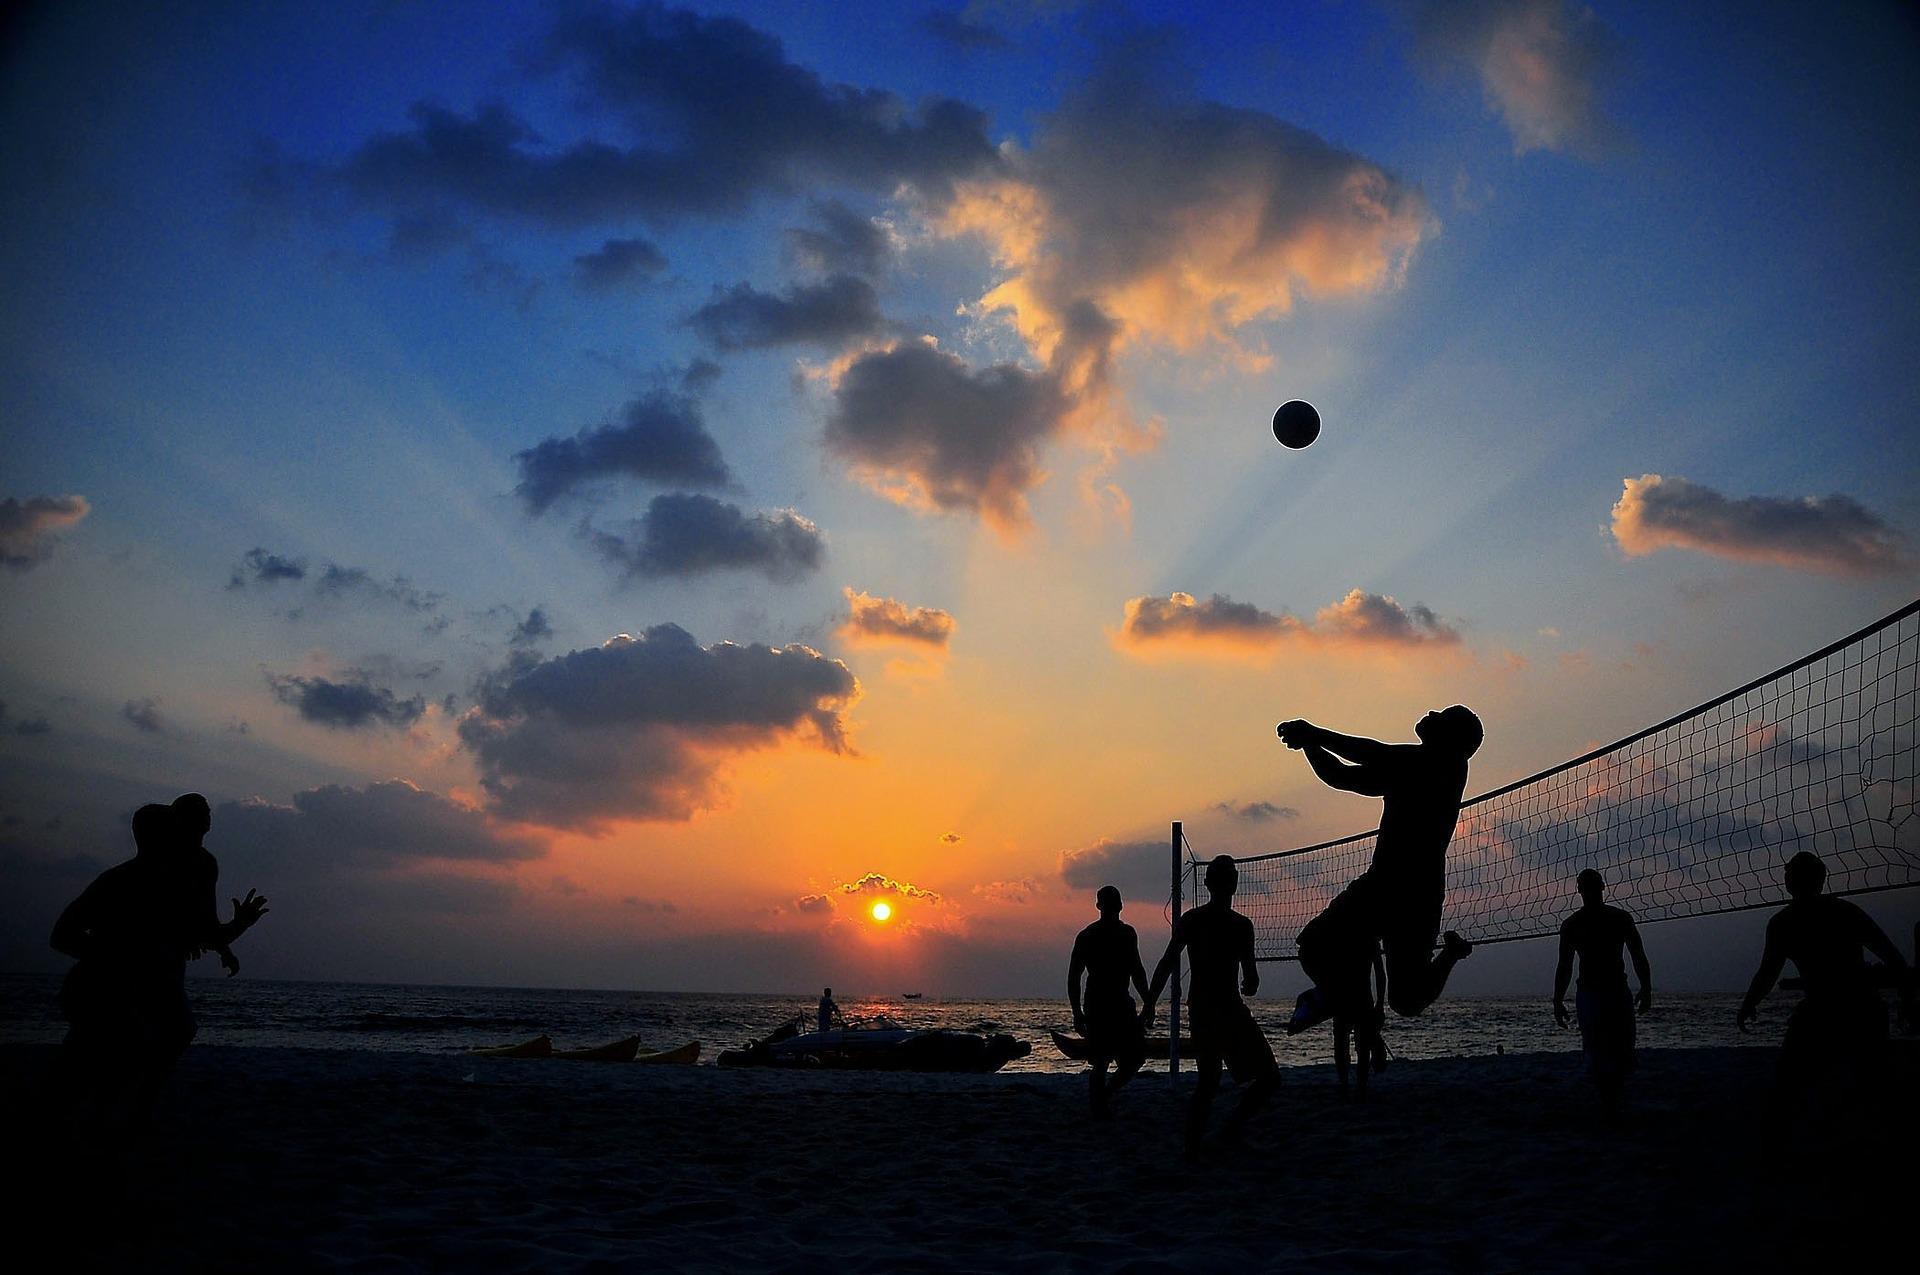 Summer beach volleyball at sunset